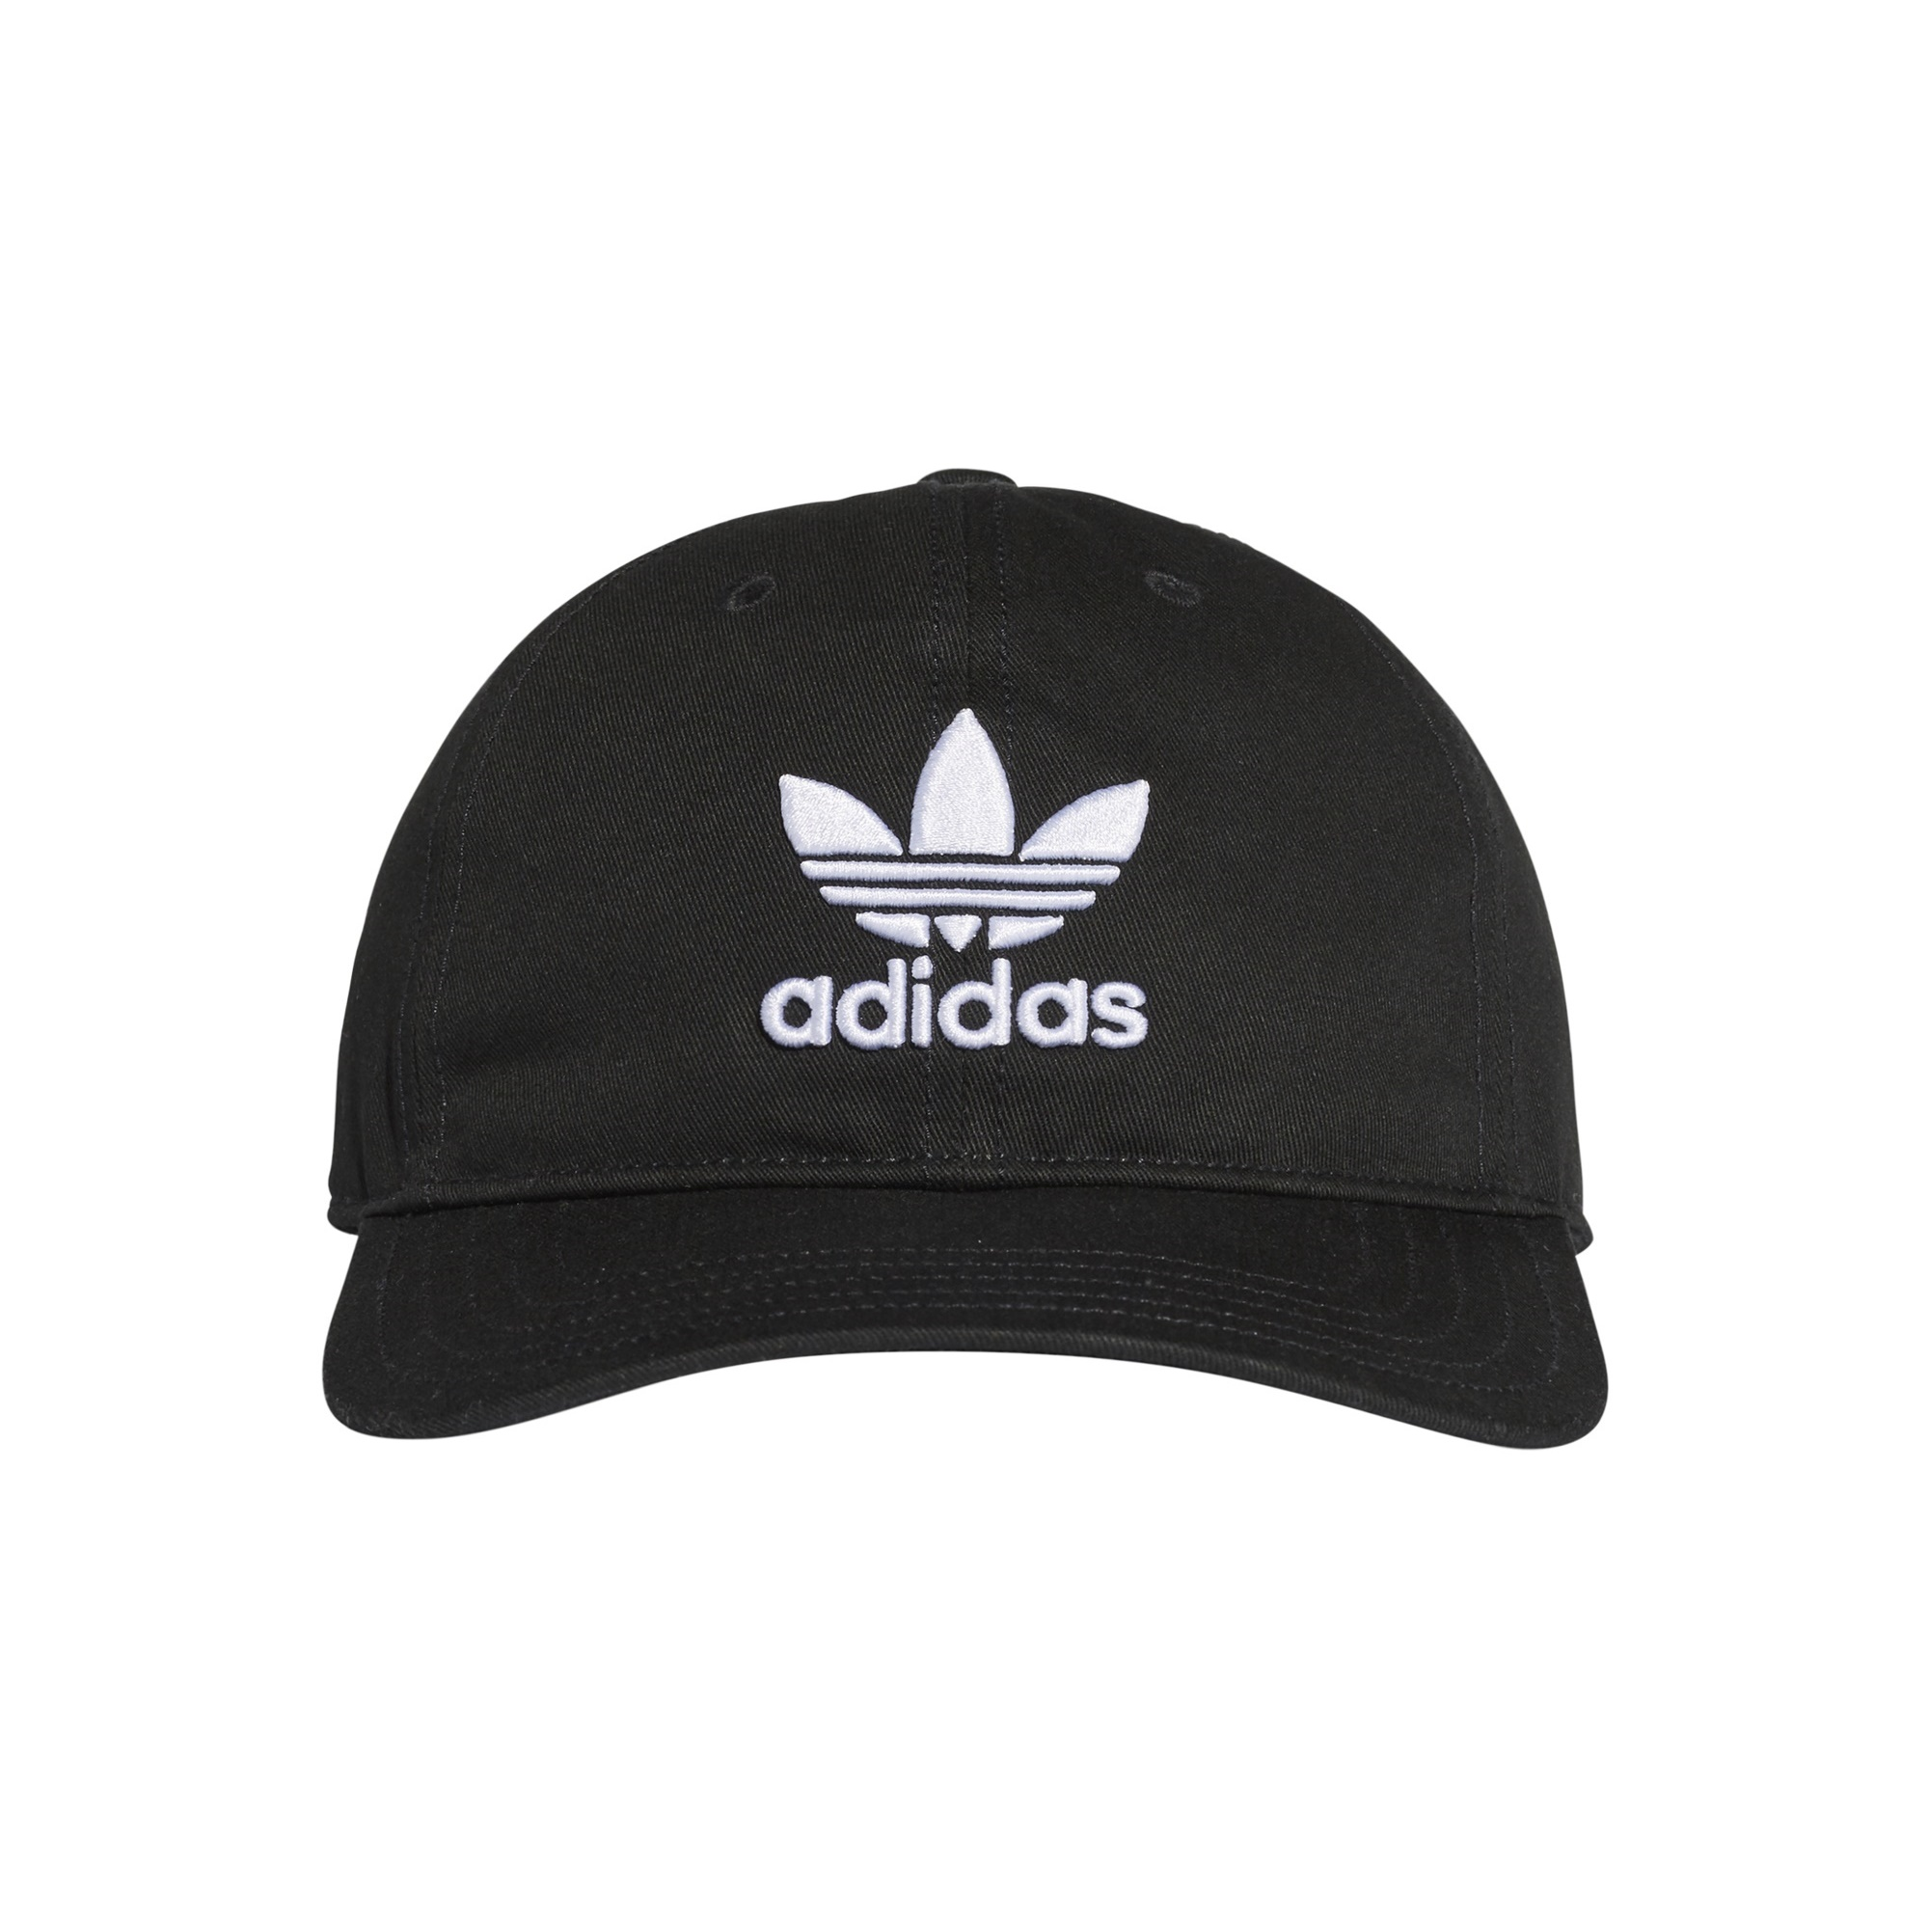 23c2b48f88d Adidas Originals Trefoil Classic Cup Black